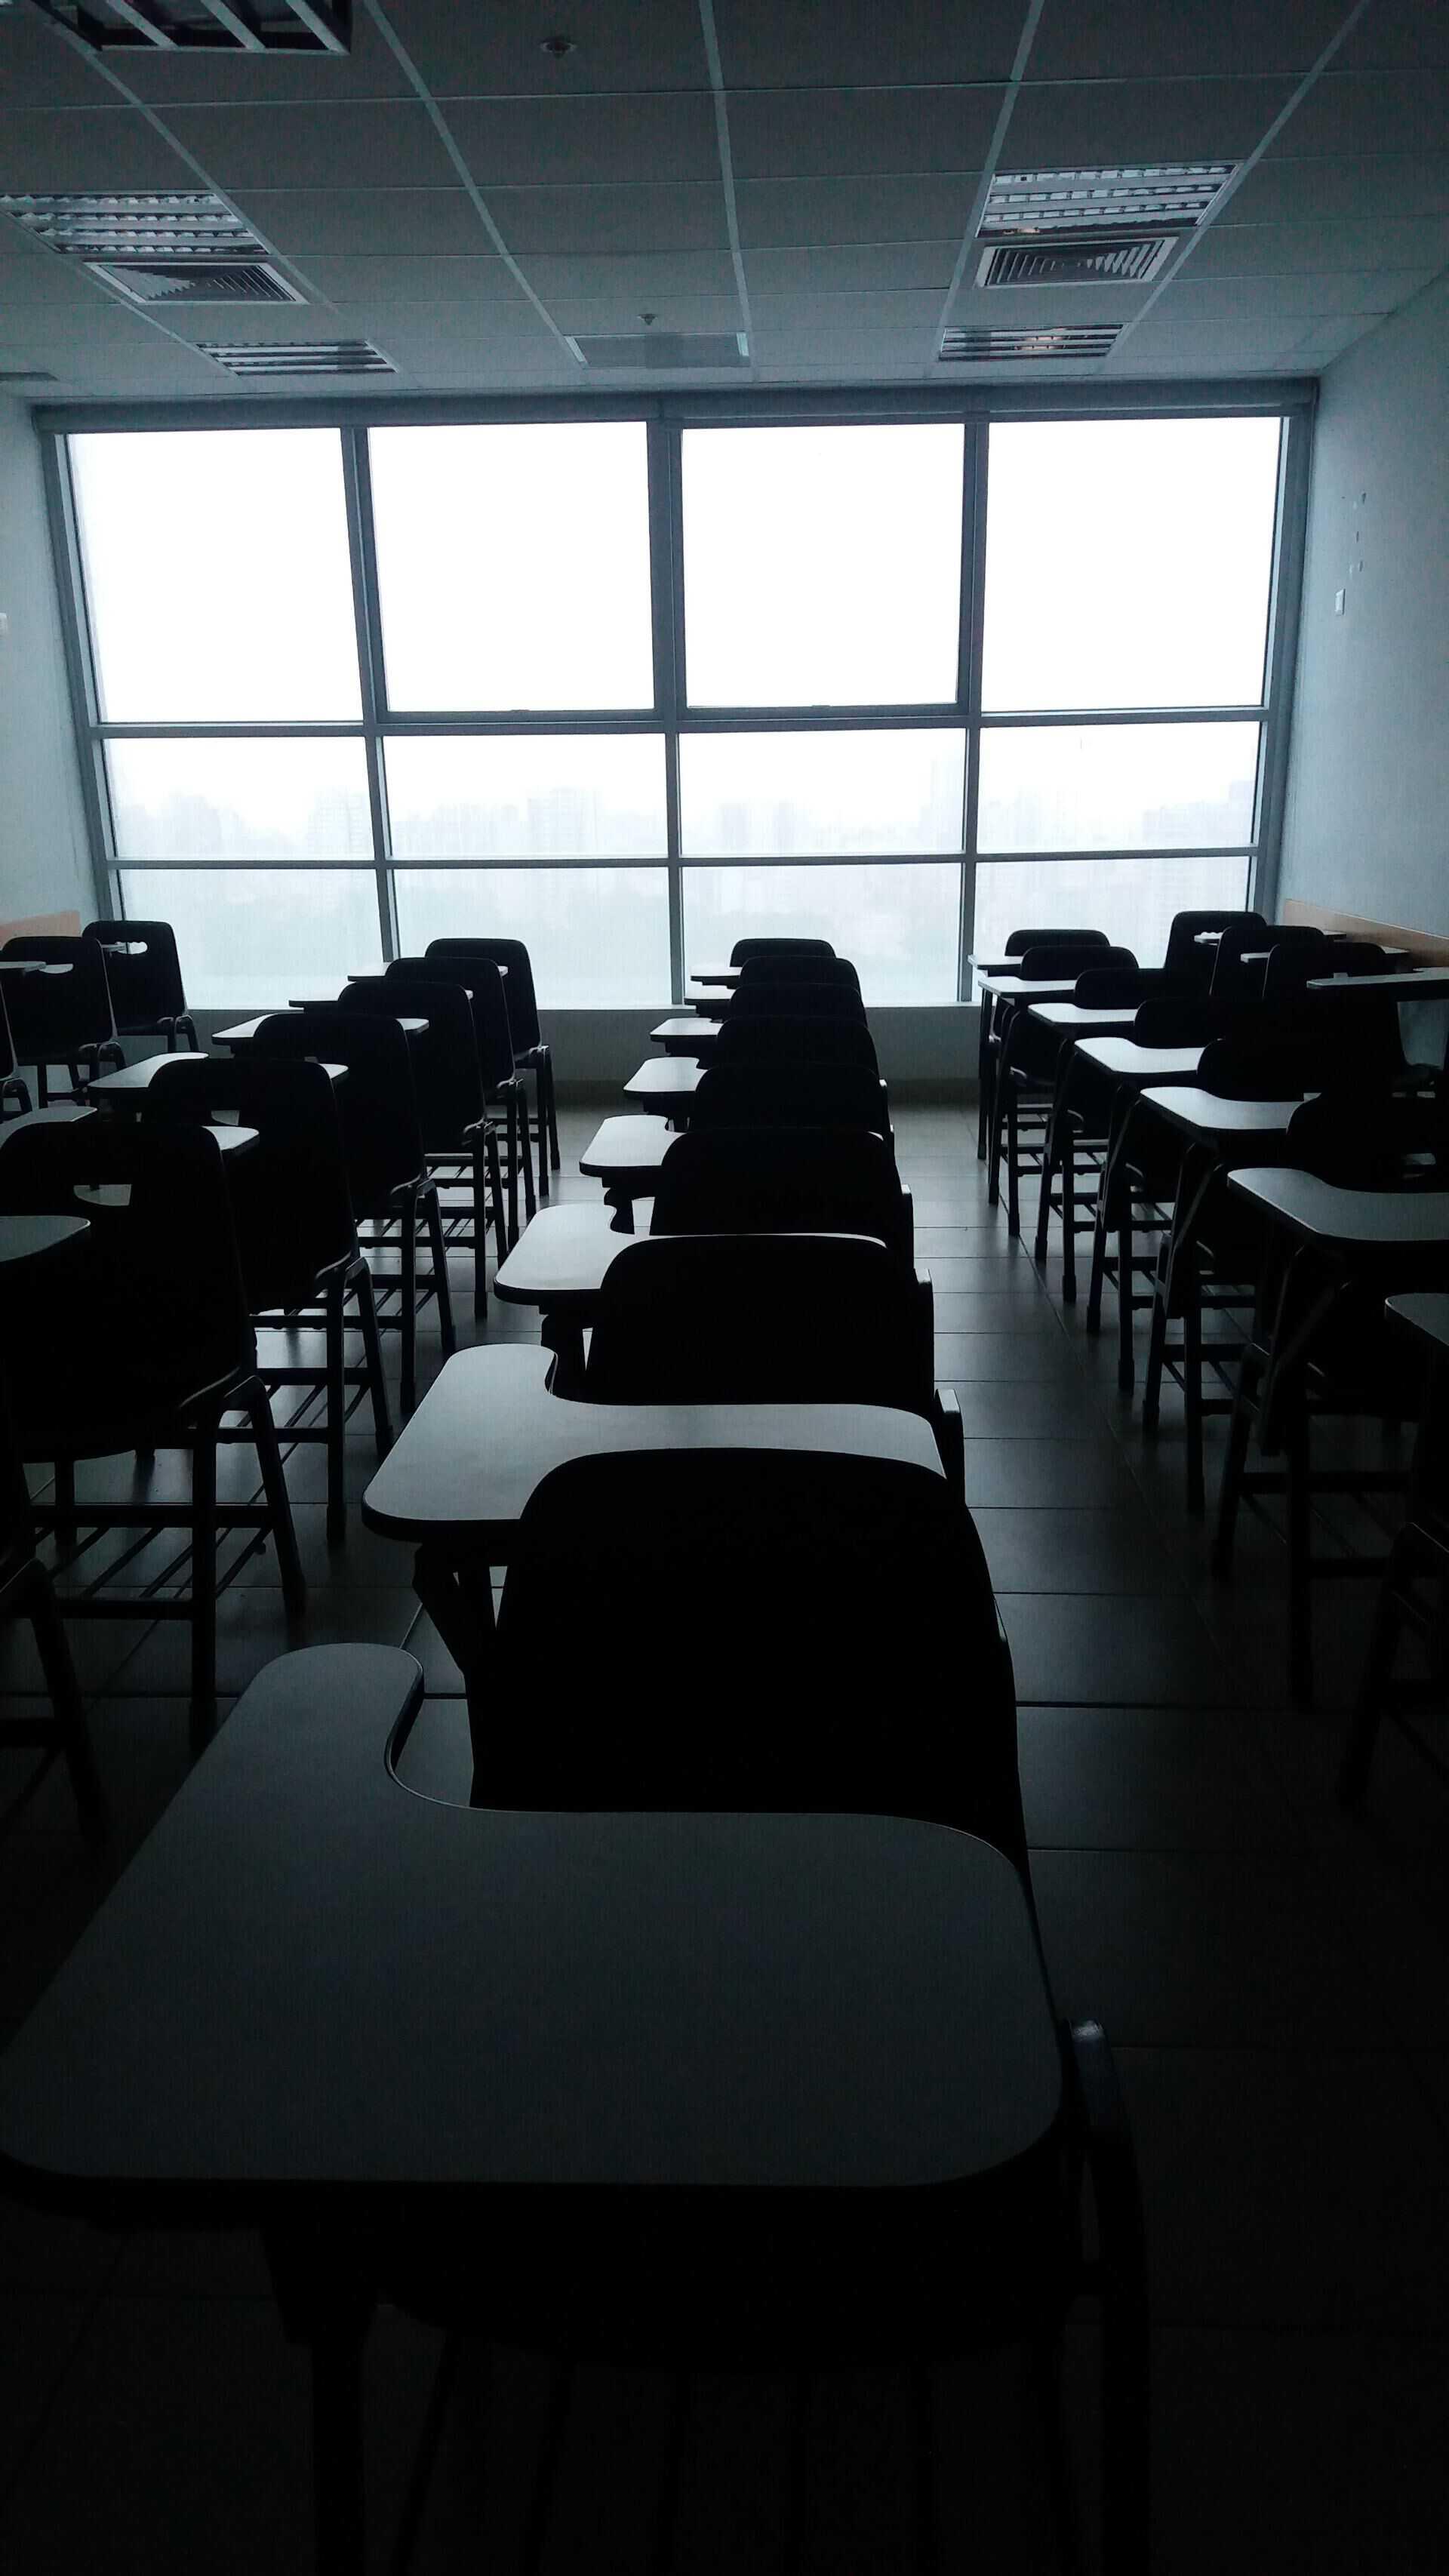 grammar school class room